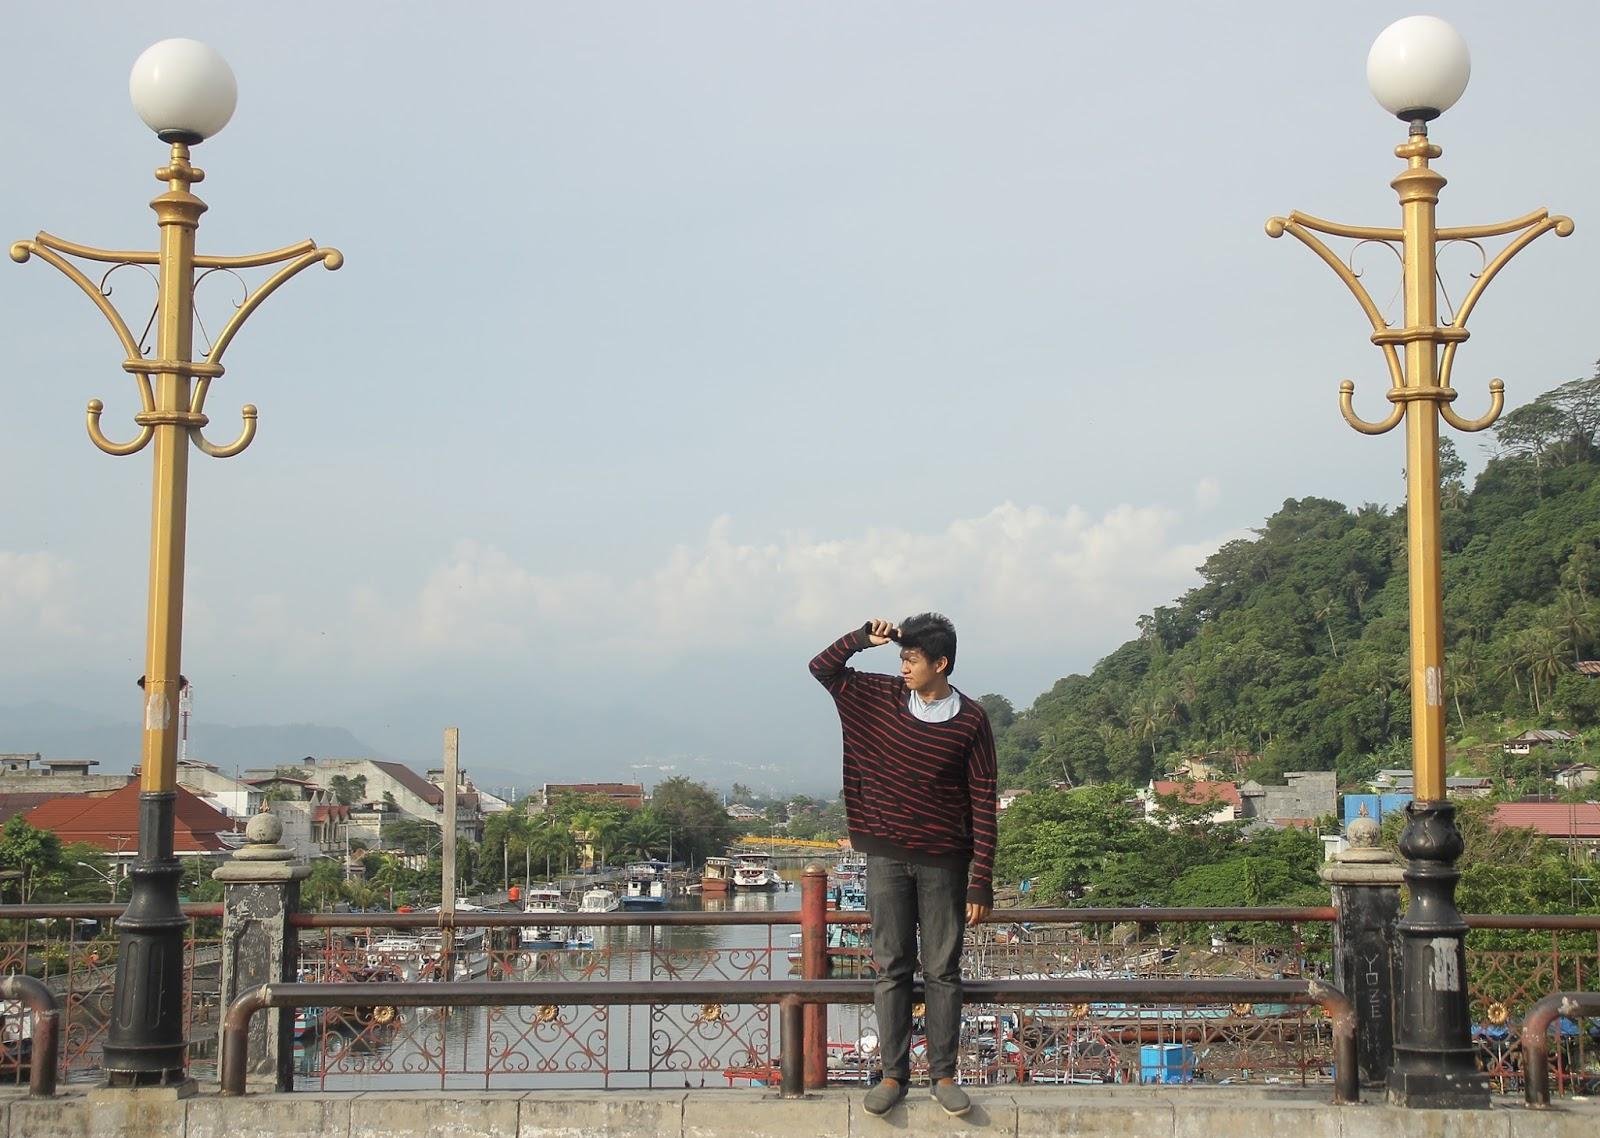 Jelajah Nagari Awak Jembatan Siti Nurbaya Kisah Roman Namanya Menghubungkan